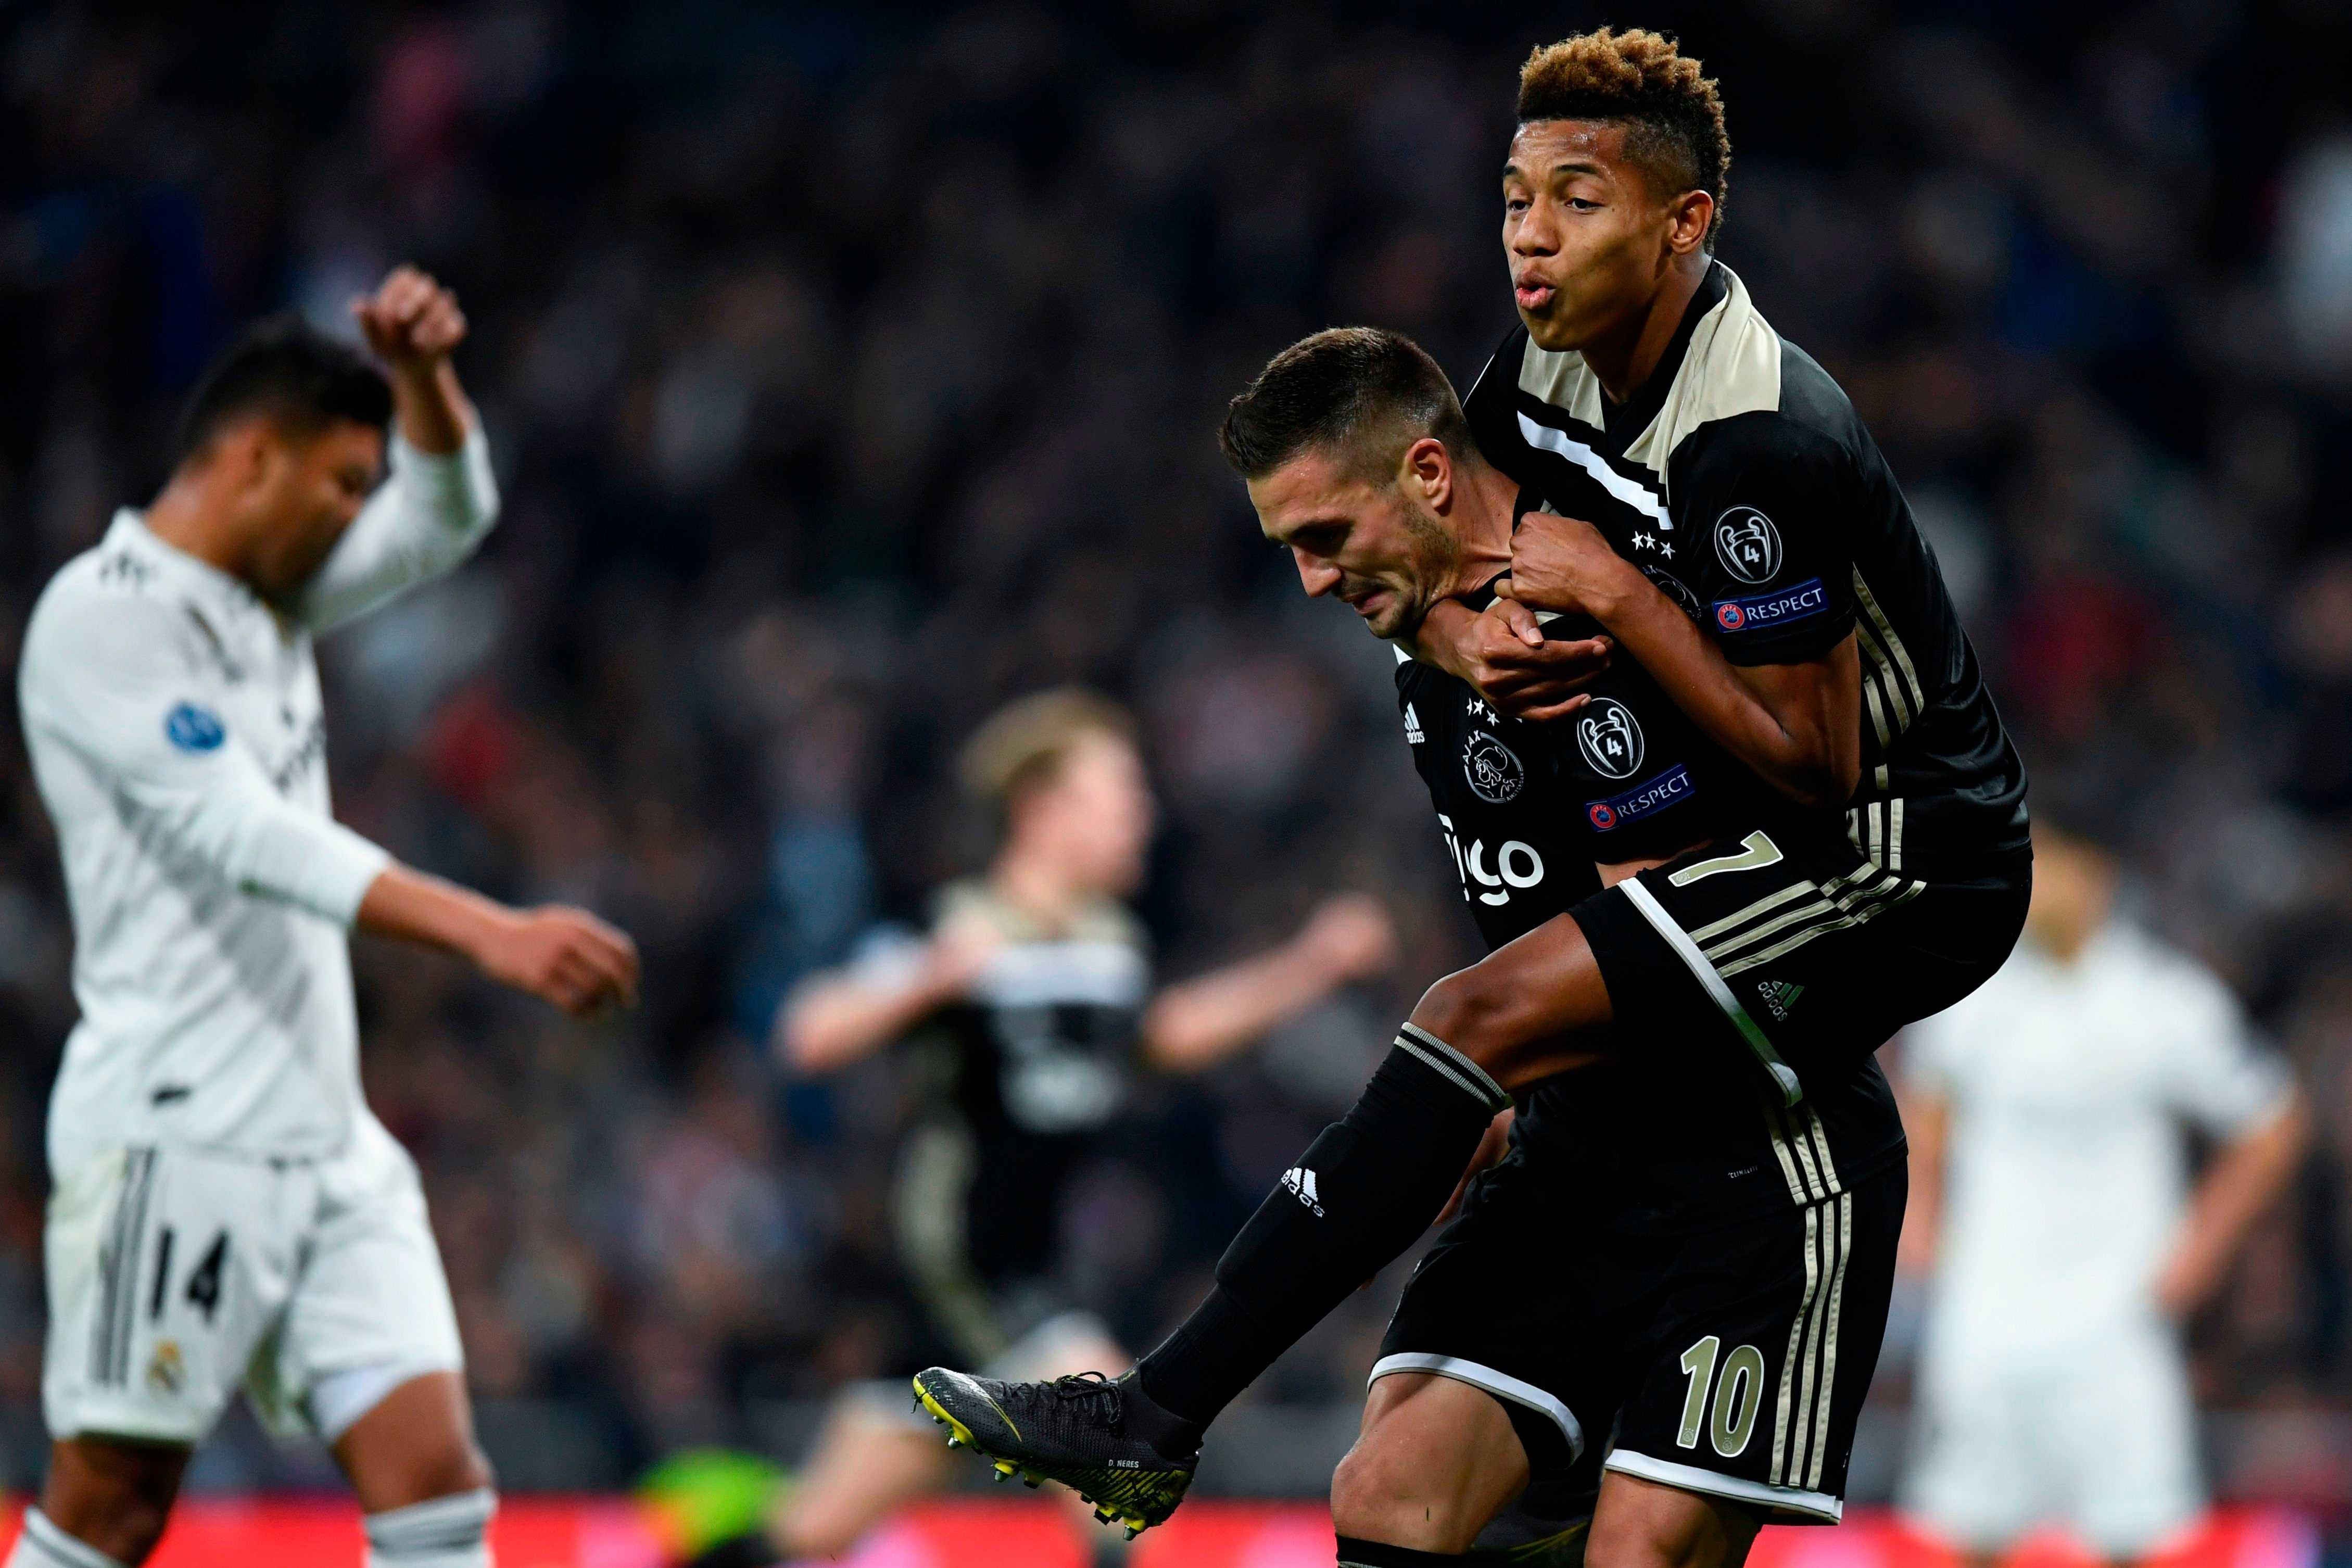 Ações do Ajax batem recorde na bolsa após eliminação do Real Madrid